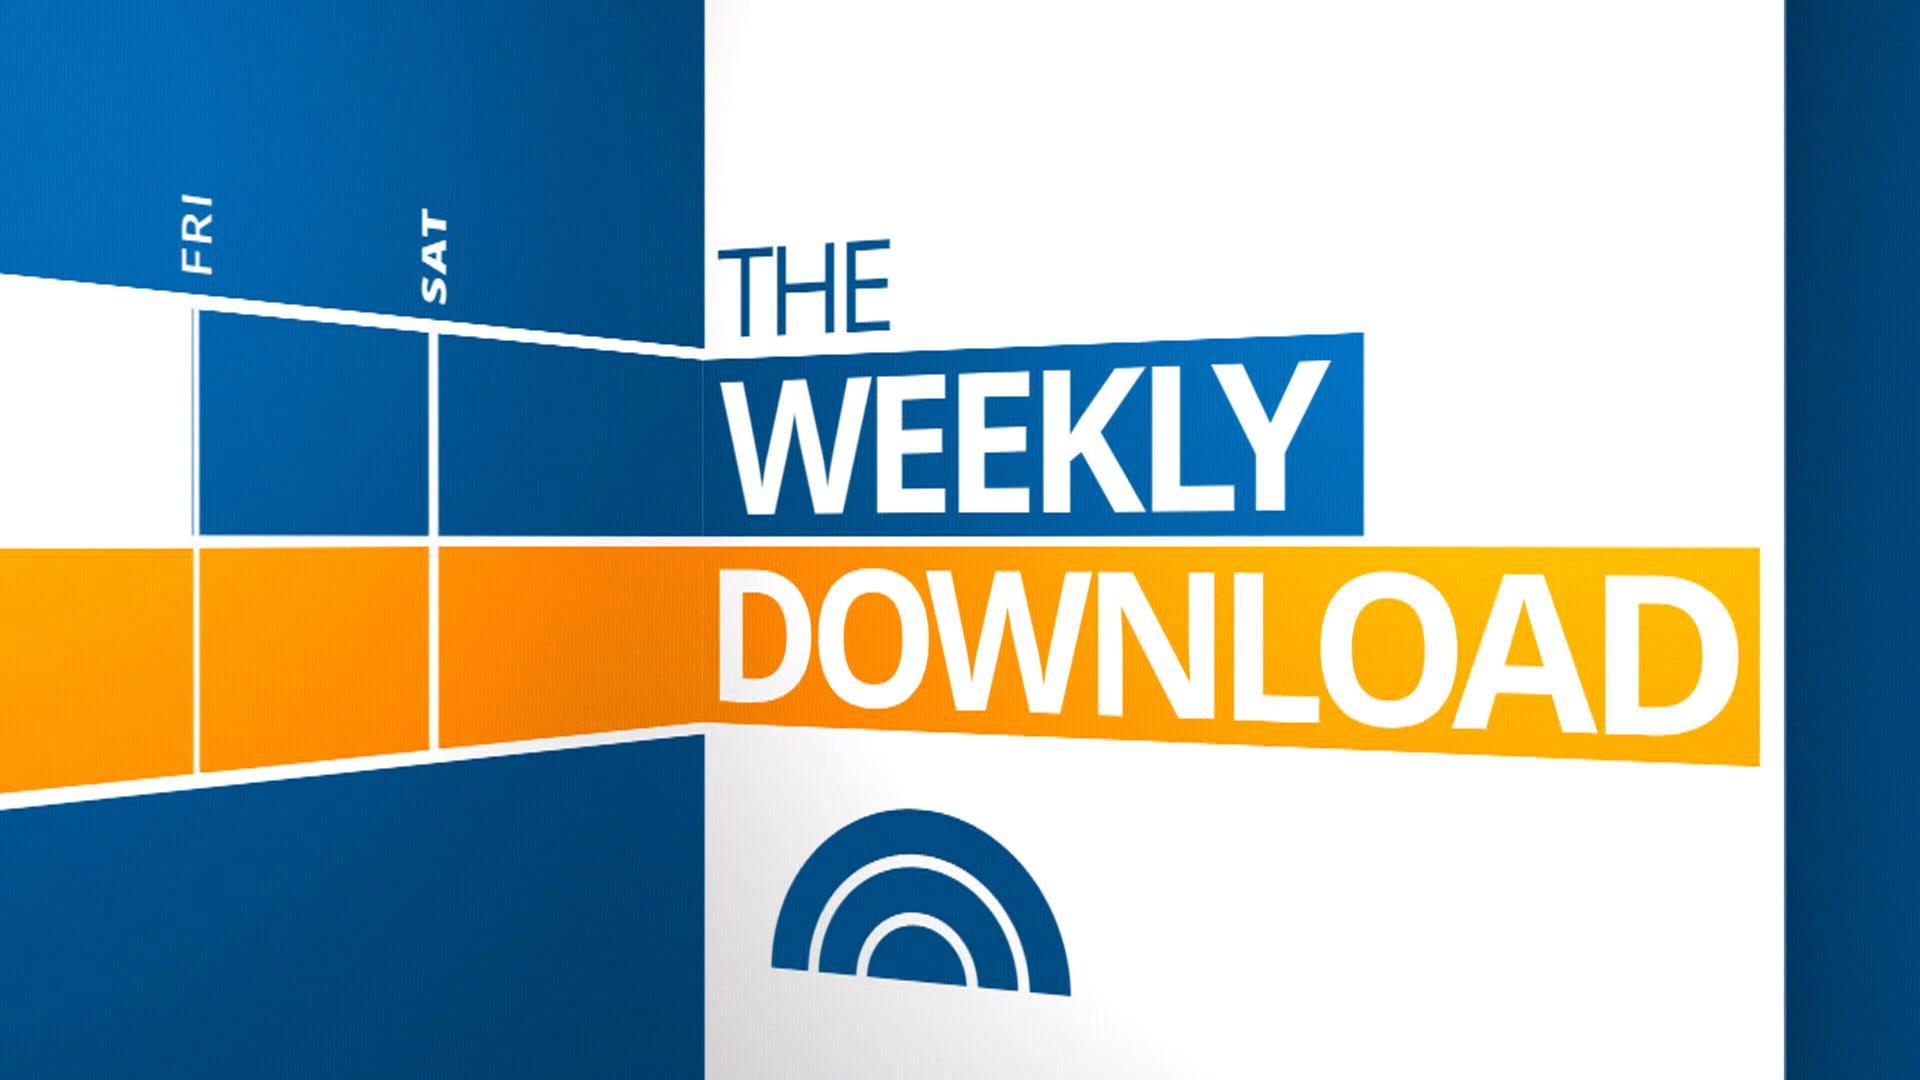 See the week's biggest headlines in the Weekly Download